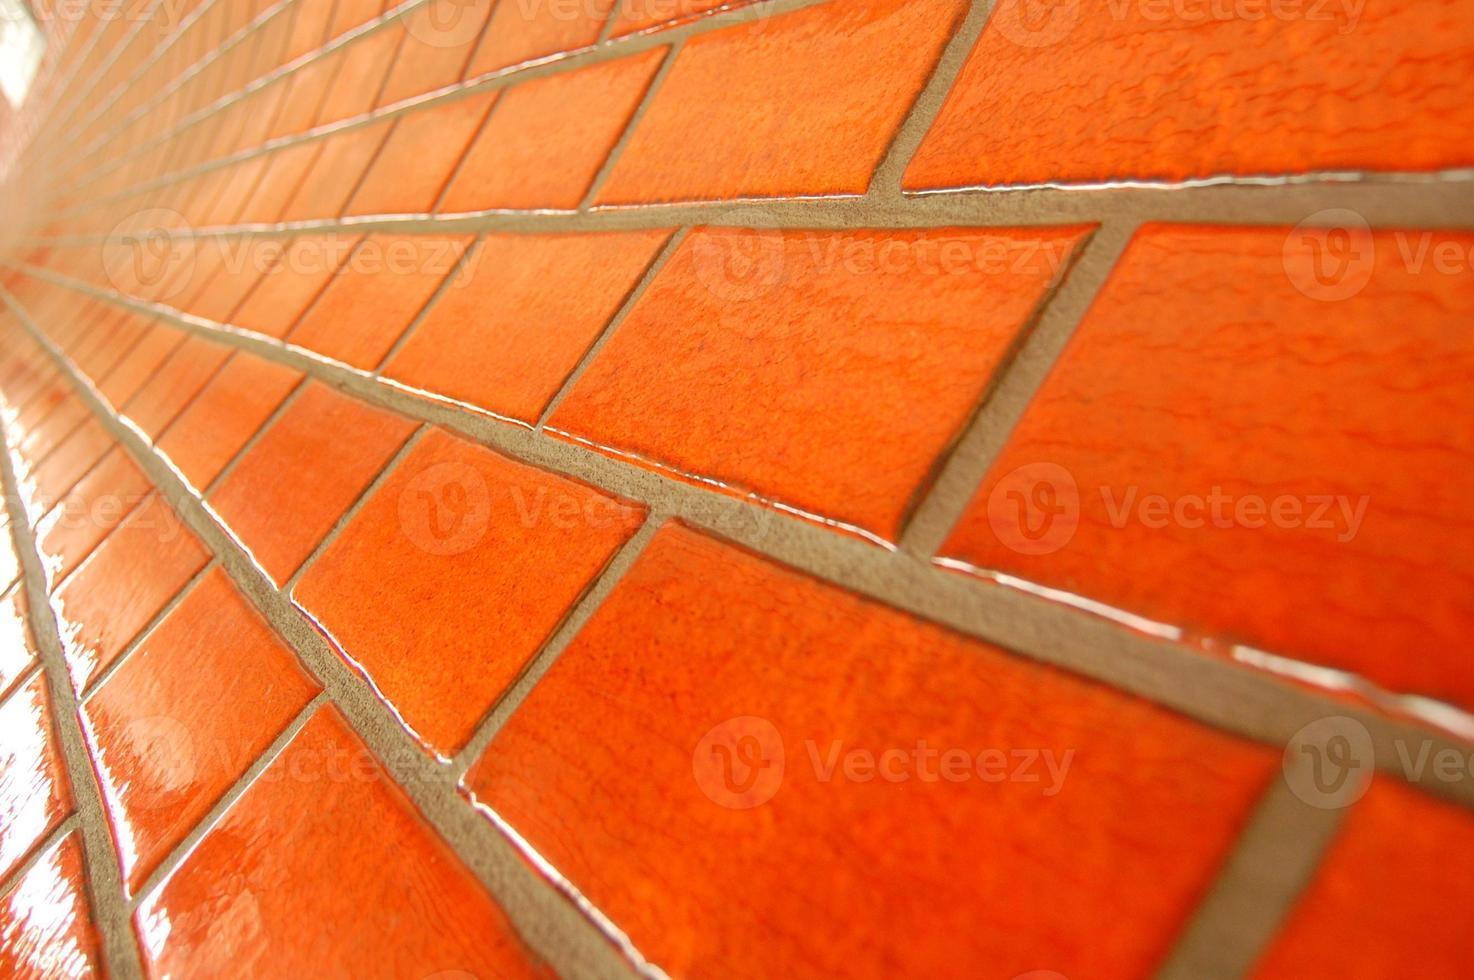 piastrelle della metropolitana arancione foto